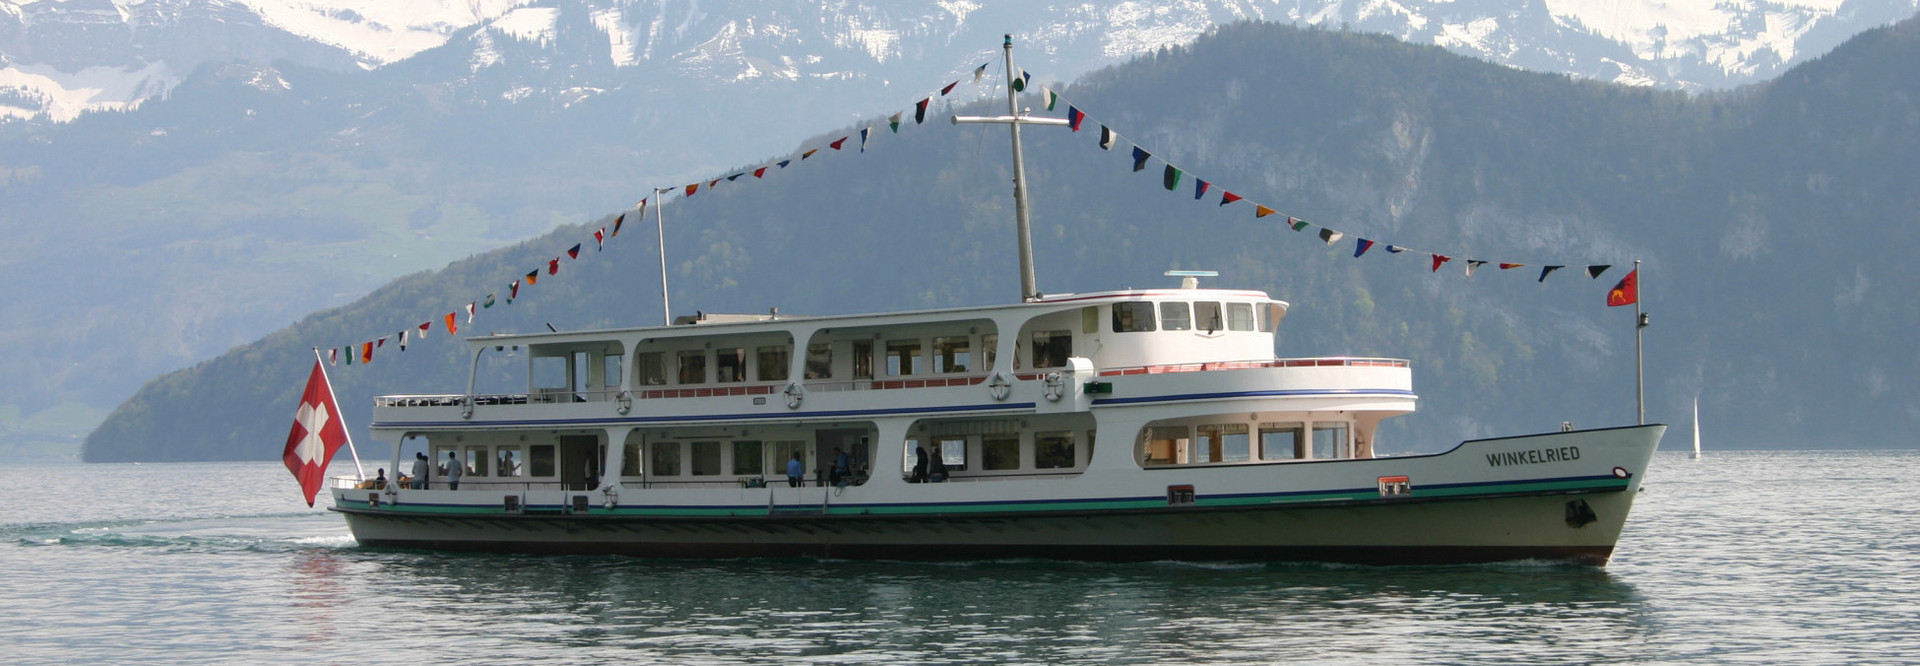 Während einer Fahrt auf dem Vierwaldstättersee, schmückt eine Festbeflaggung das Motorschiff Winkelried.